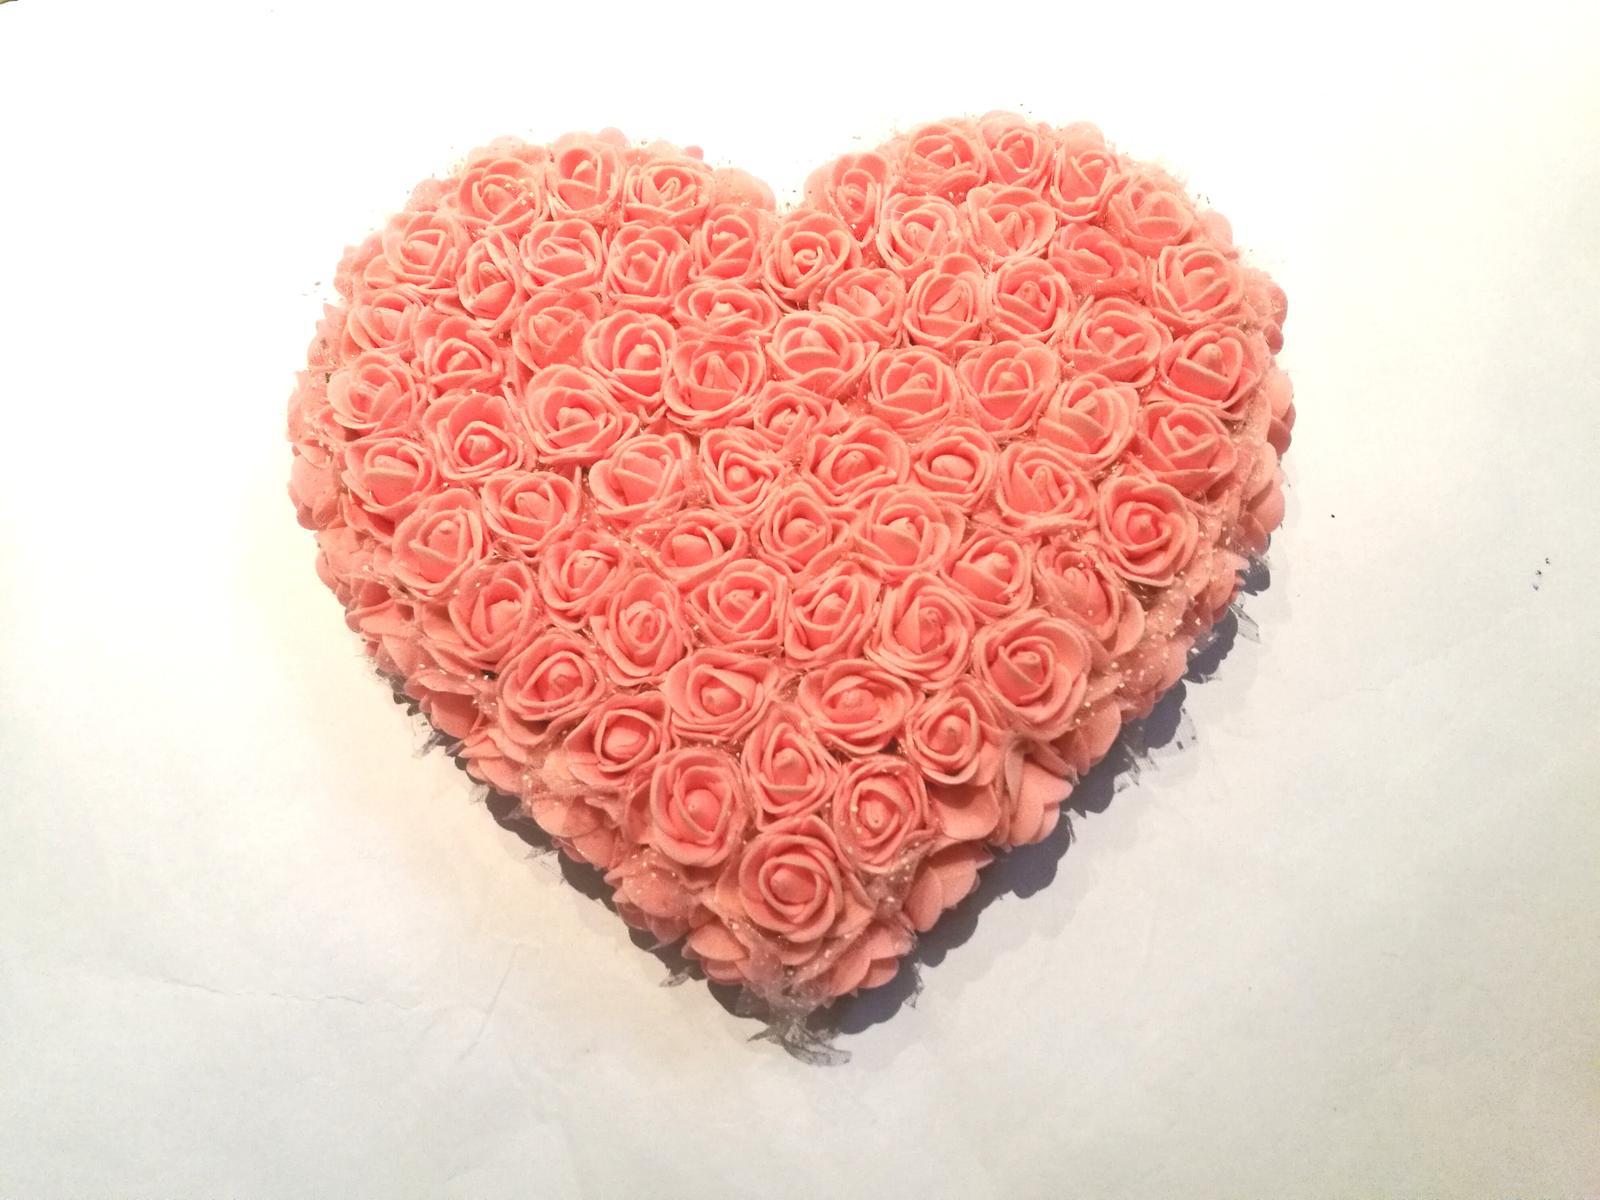 Srdce - barva na přání - Obrázek č. 3